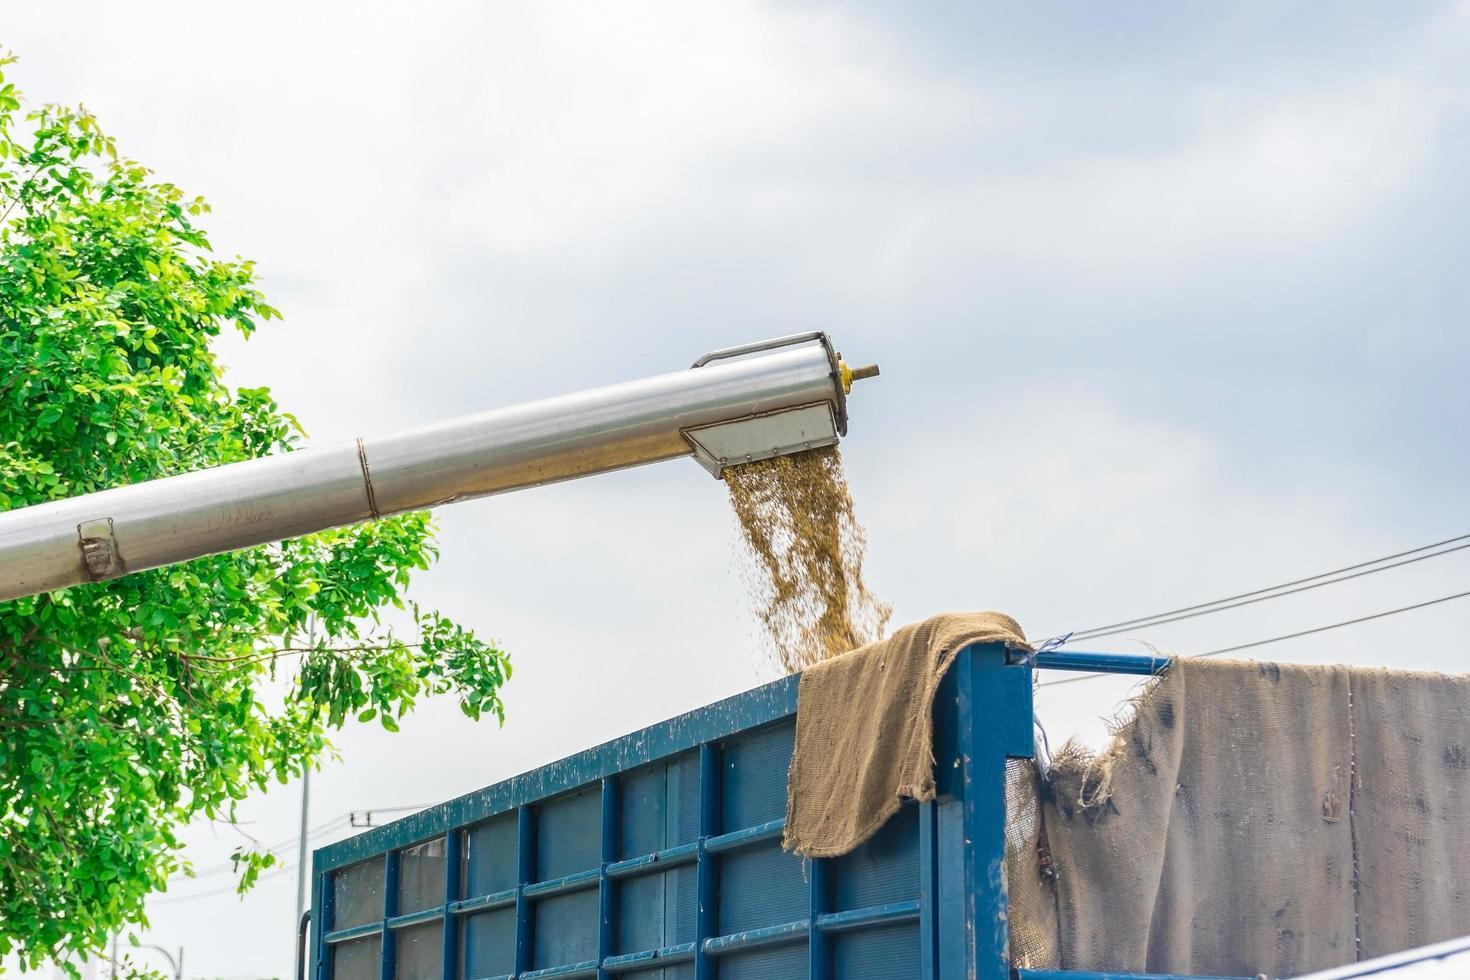 Cosechadora en acción en campo de trigo foto